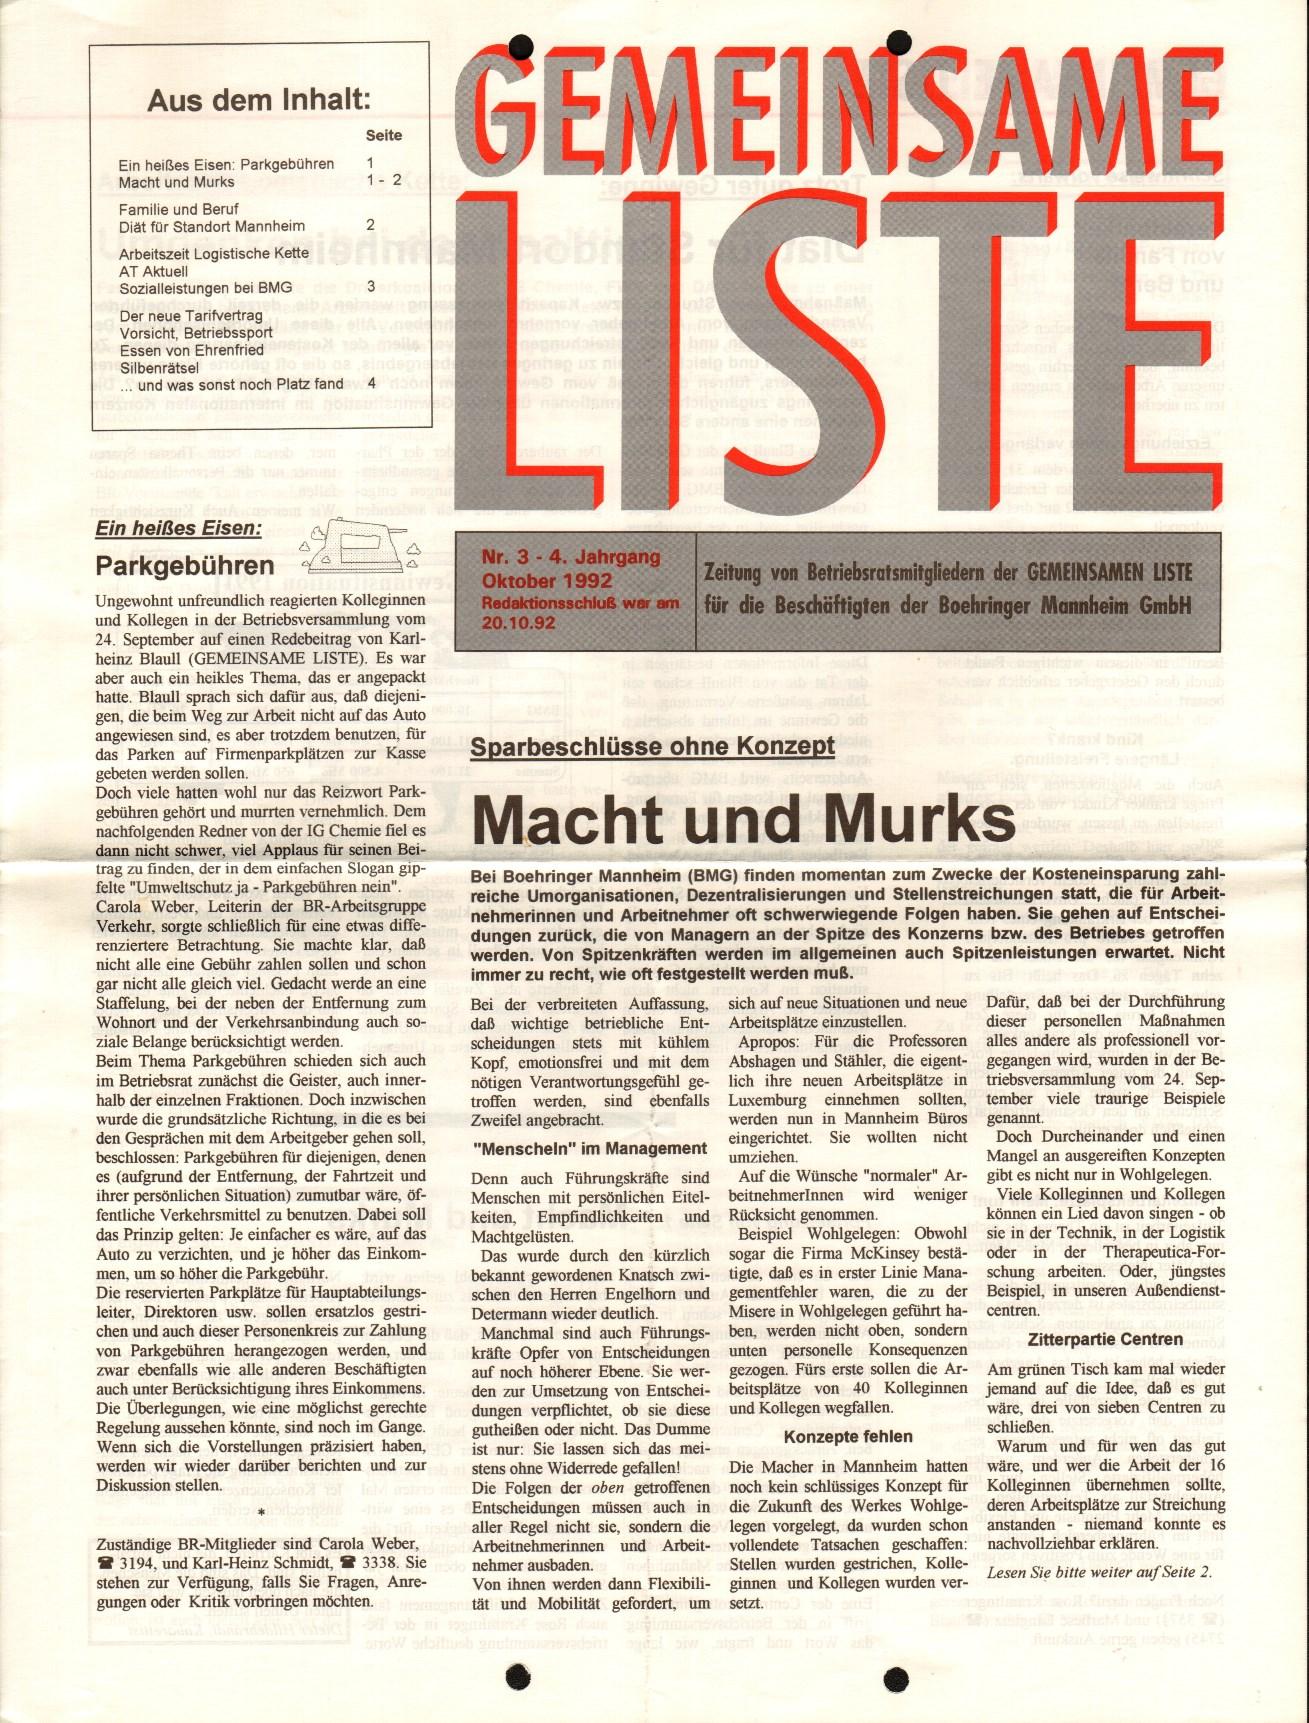 Mannheim_Boehringer_Gemeinsame_Liste_1992_03_01